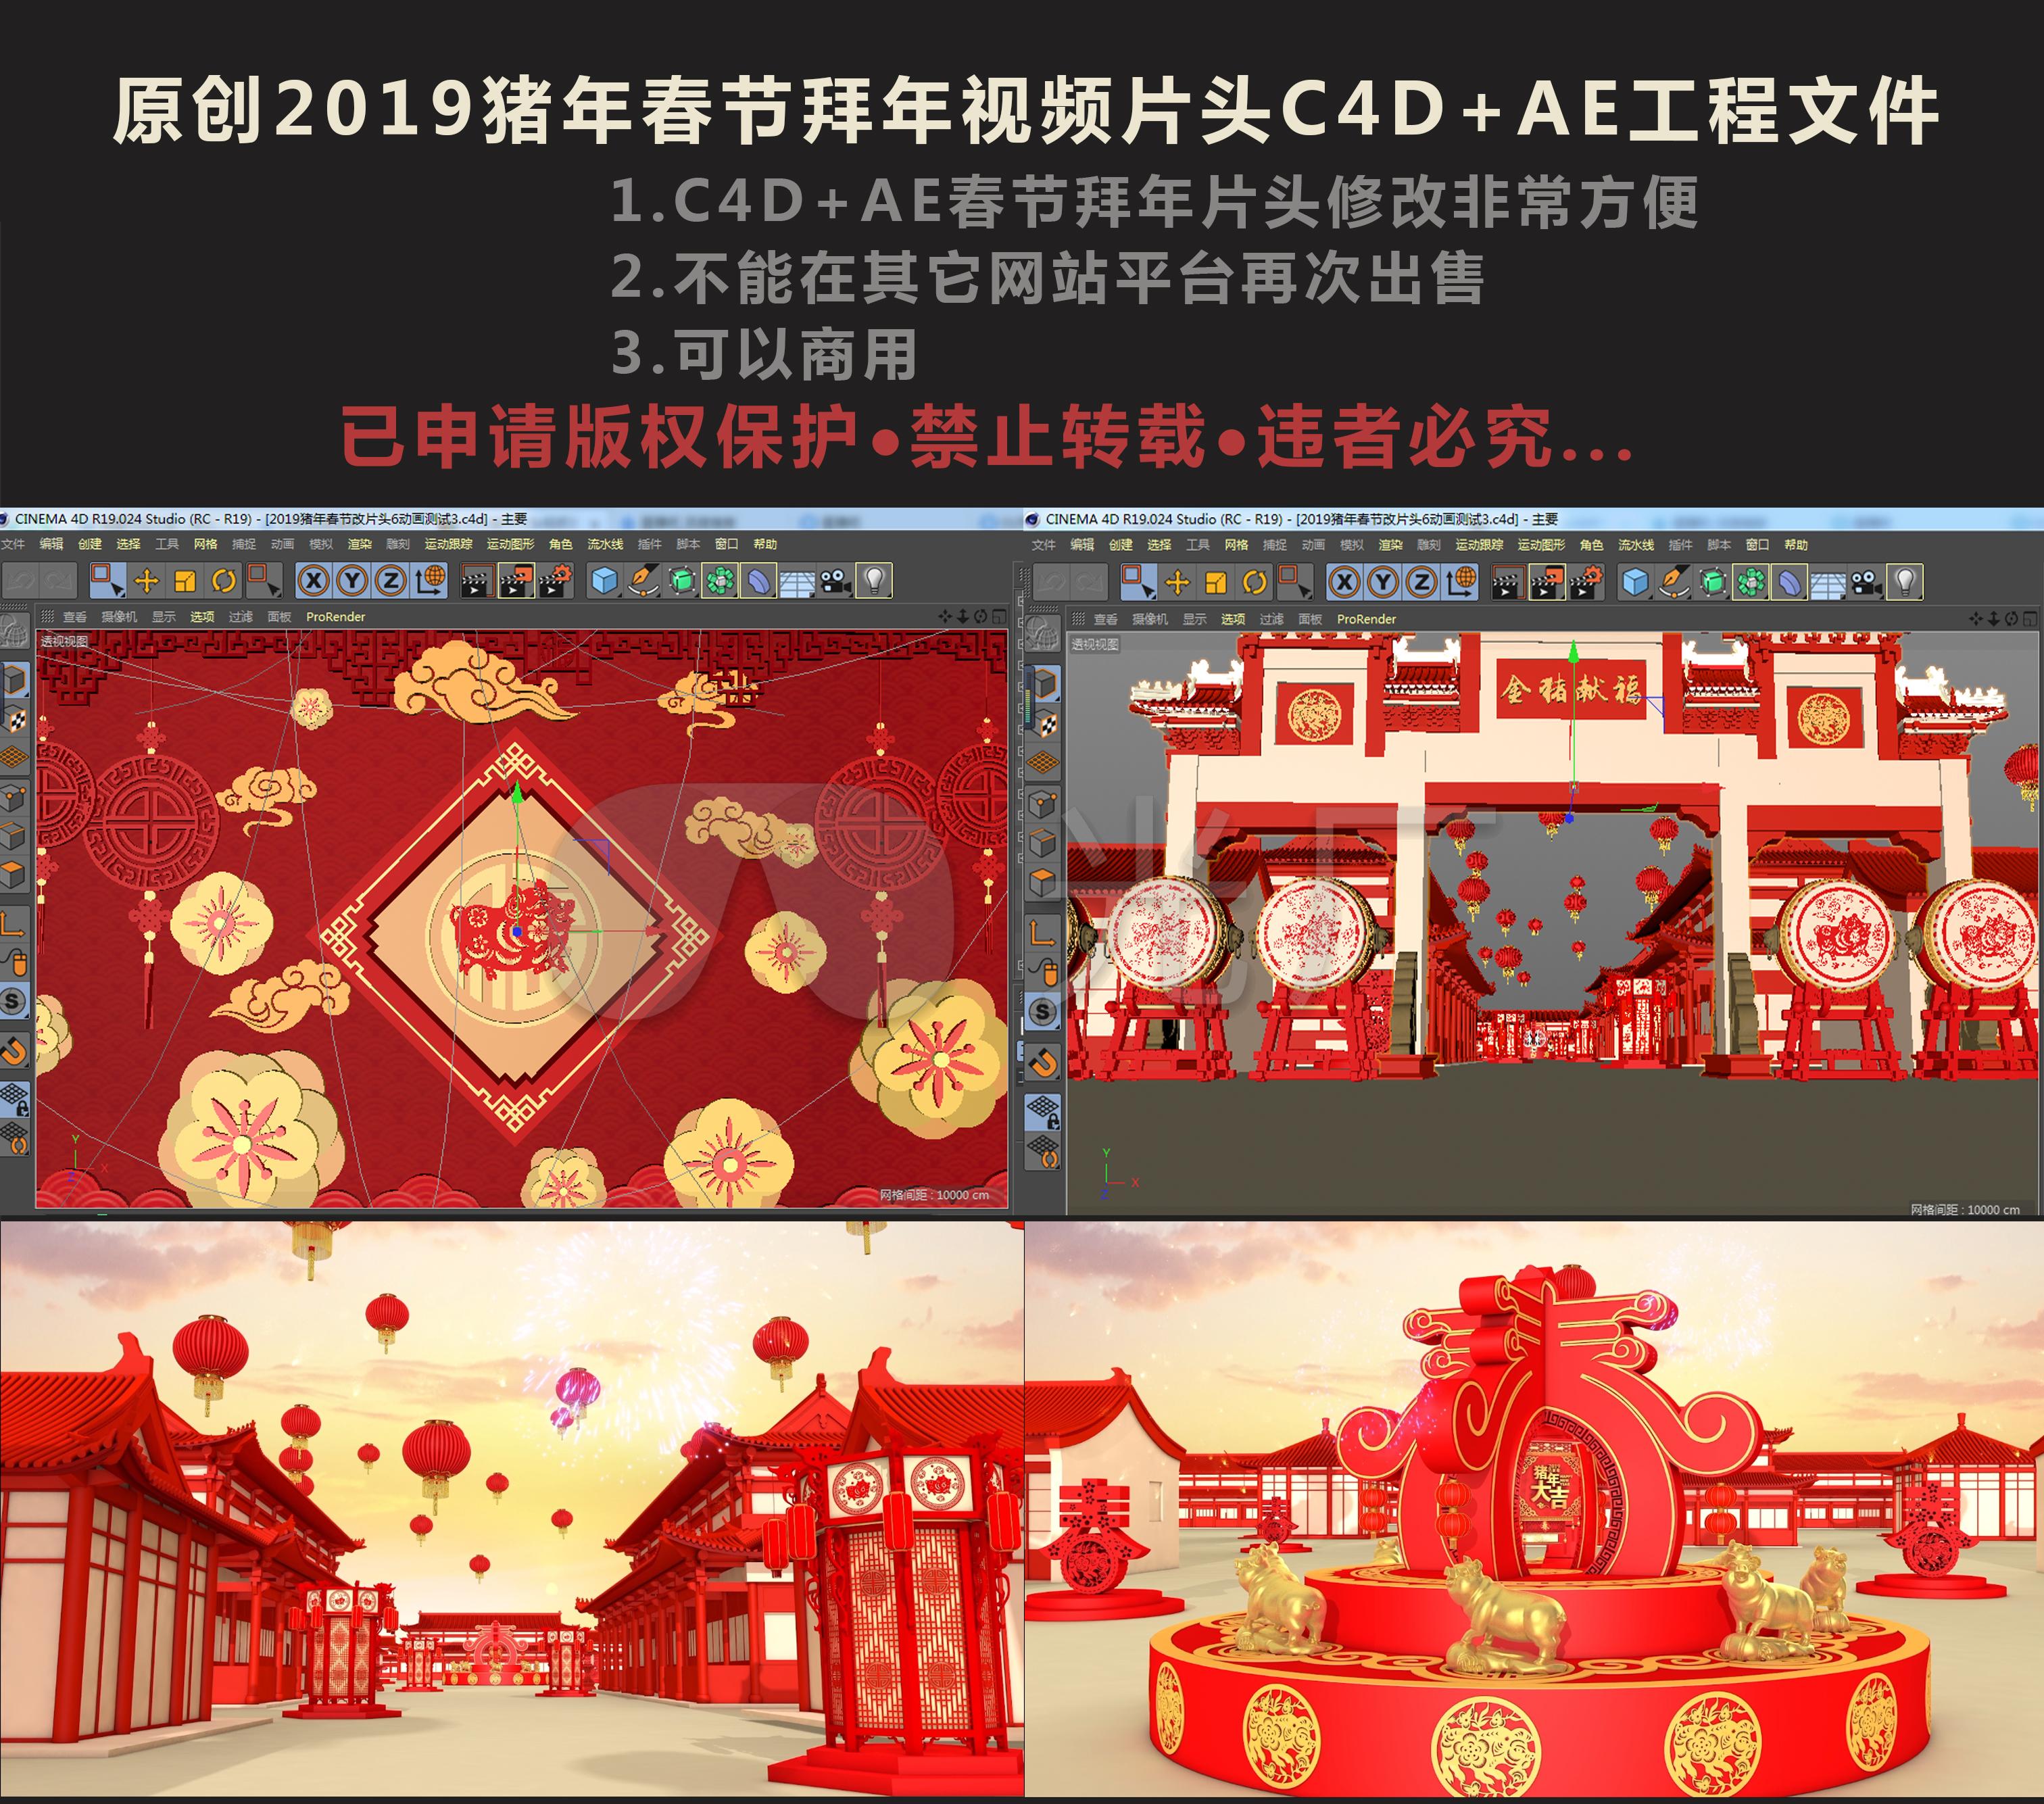 2019猪年春节拜年C4D工程片头